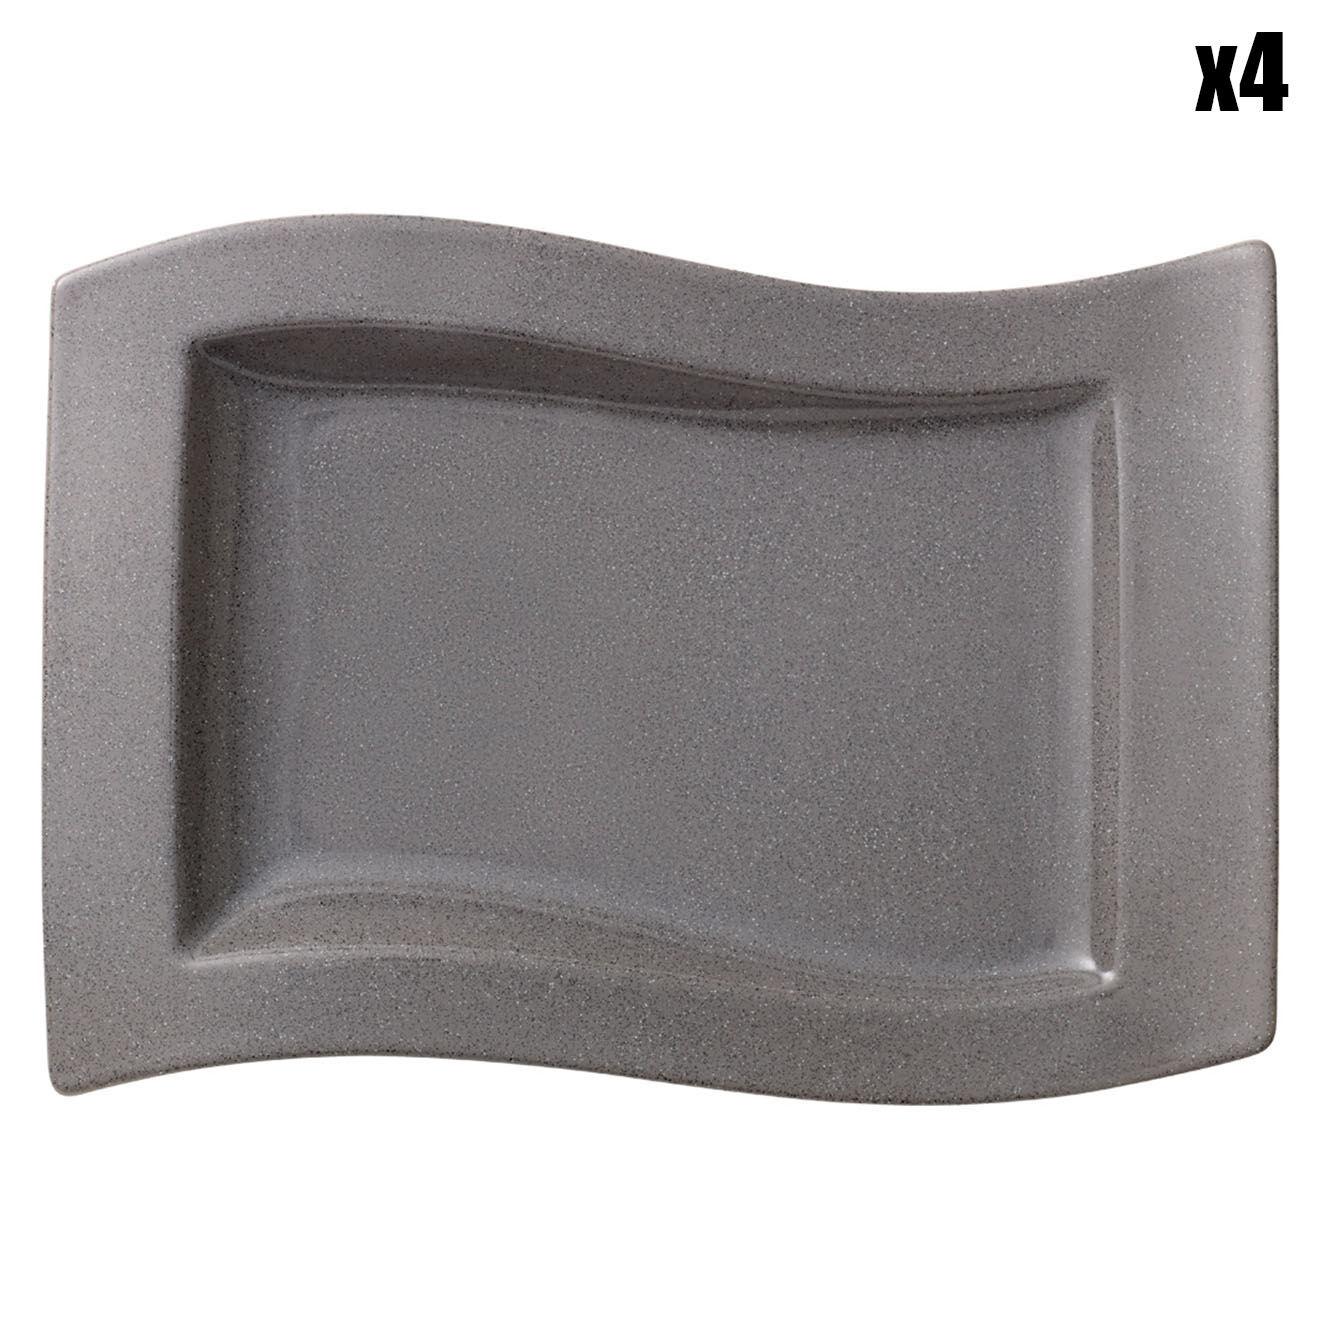 4 Assiettes gourmet NewWave Stone grises - 33x24 cm